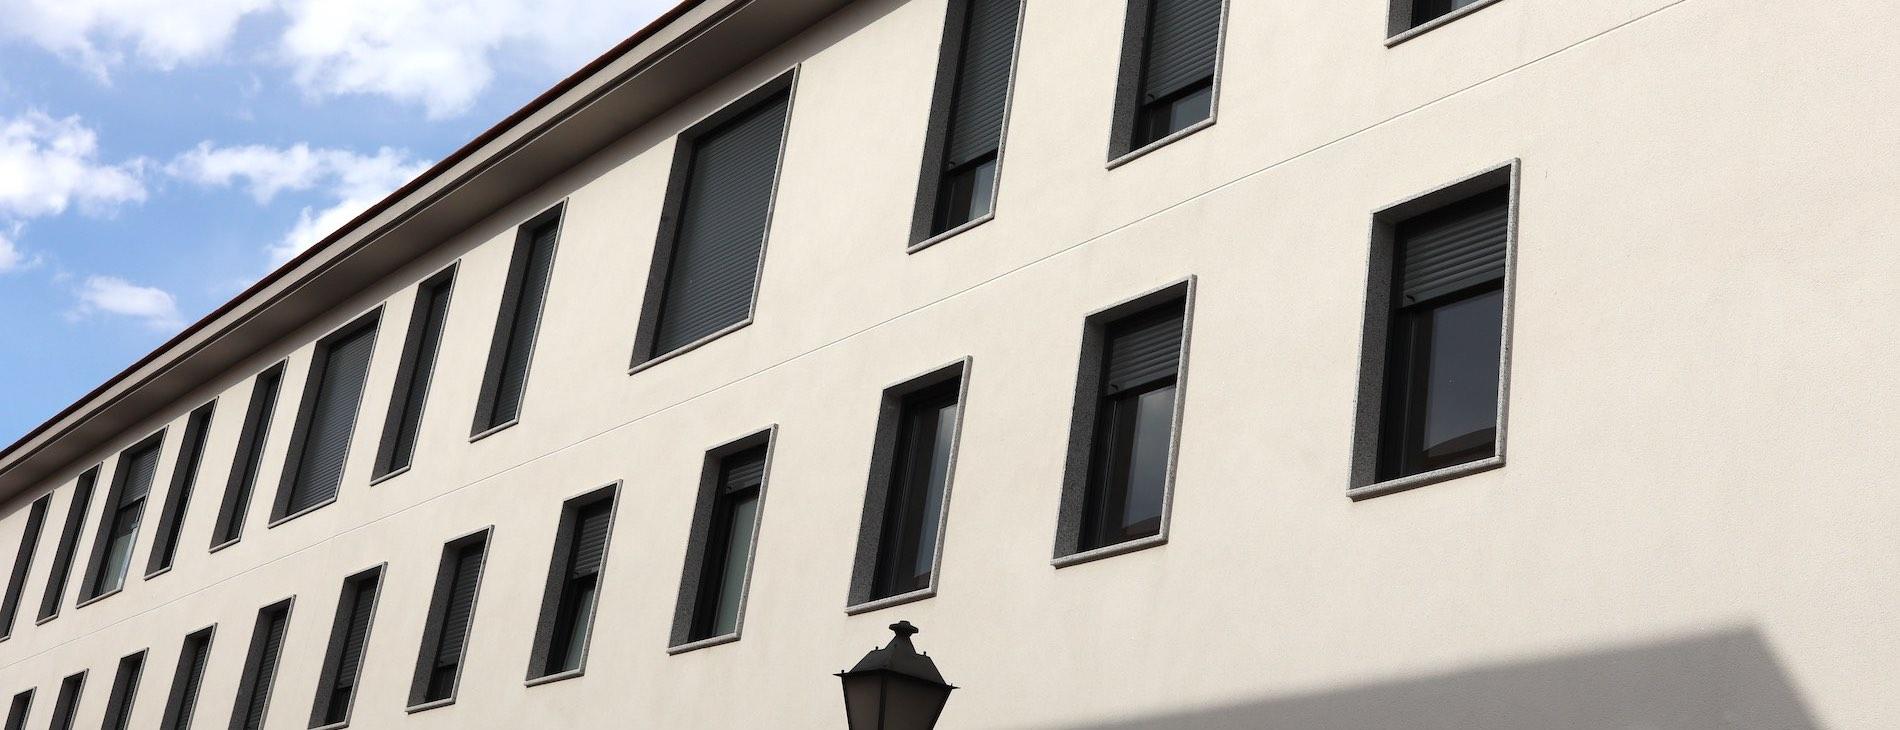 Constructora Madrid | Empresa Construcción Edificios Madrid | Constructora Vivienda Madrid